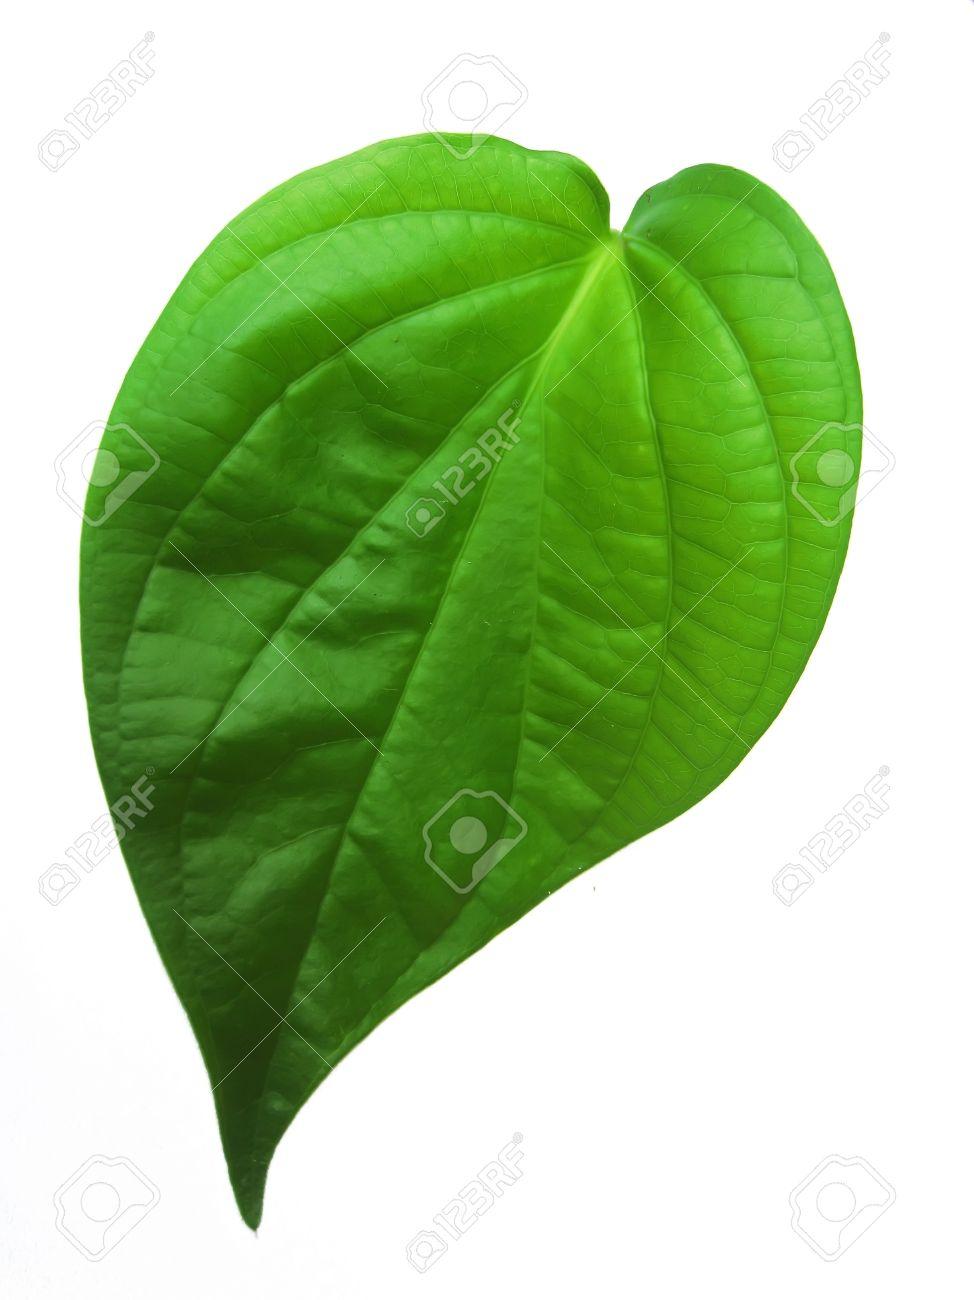 betel leaf isolated on white background - 14726586